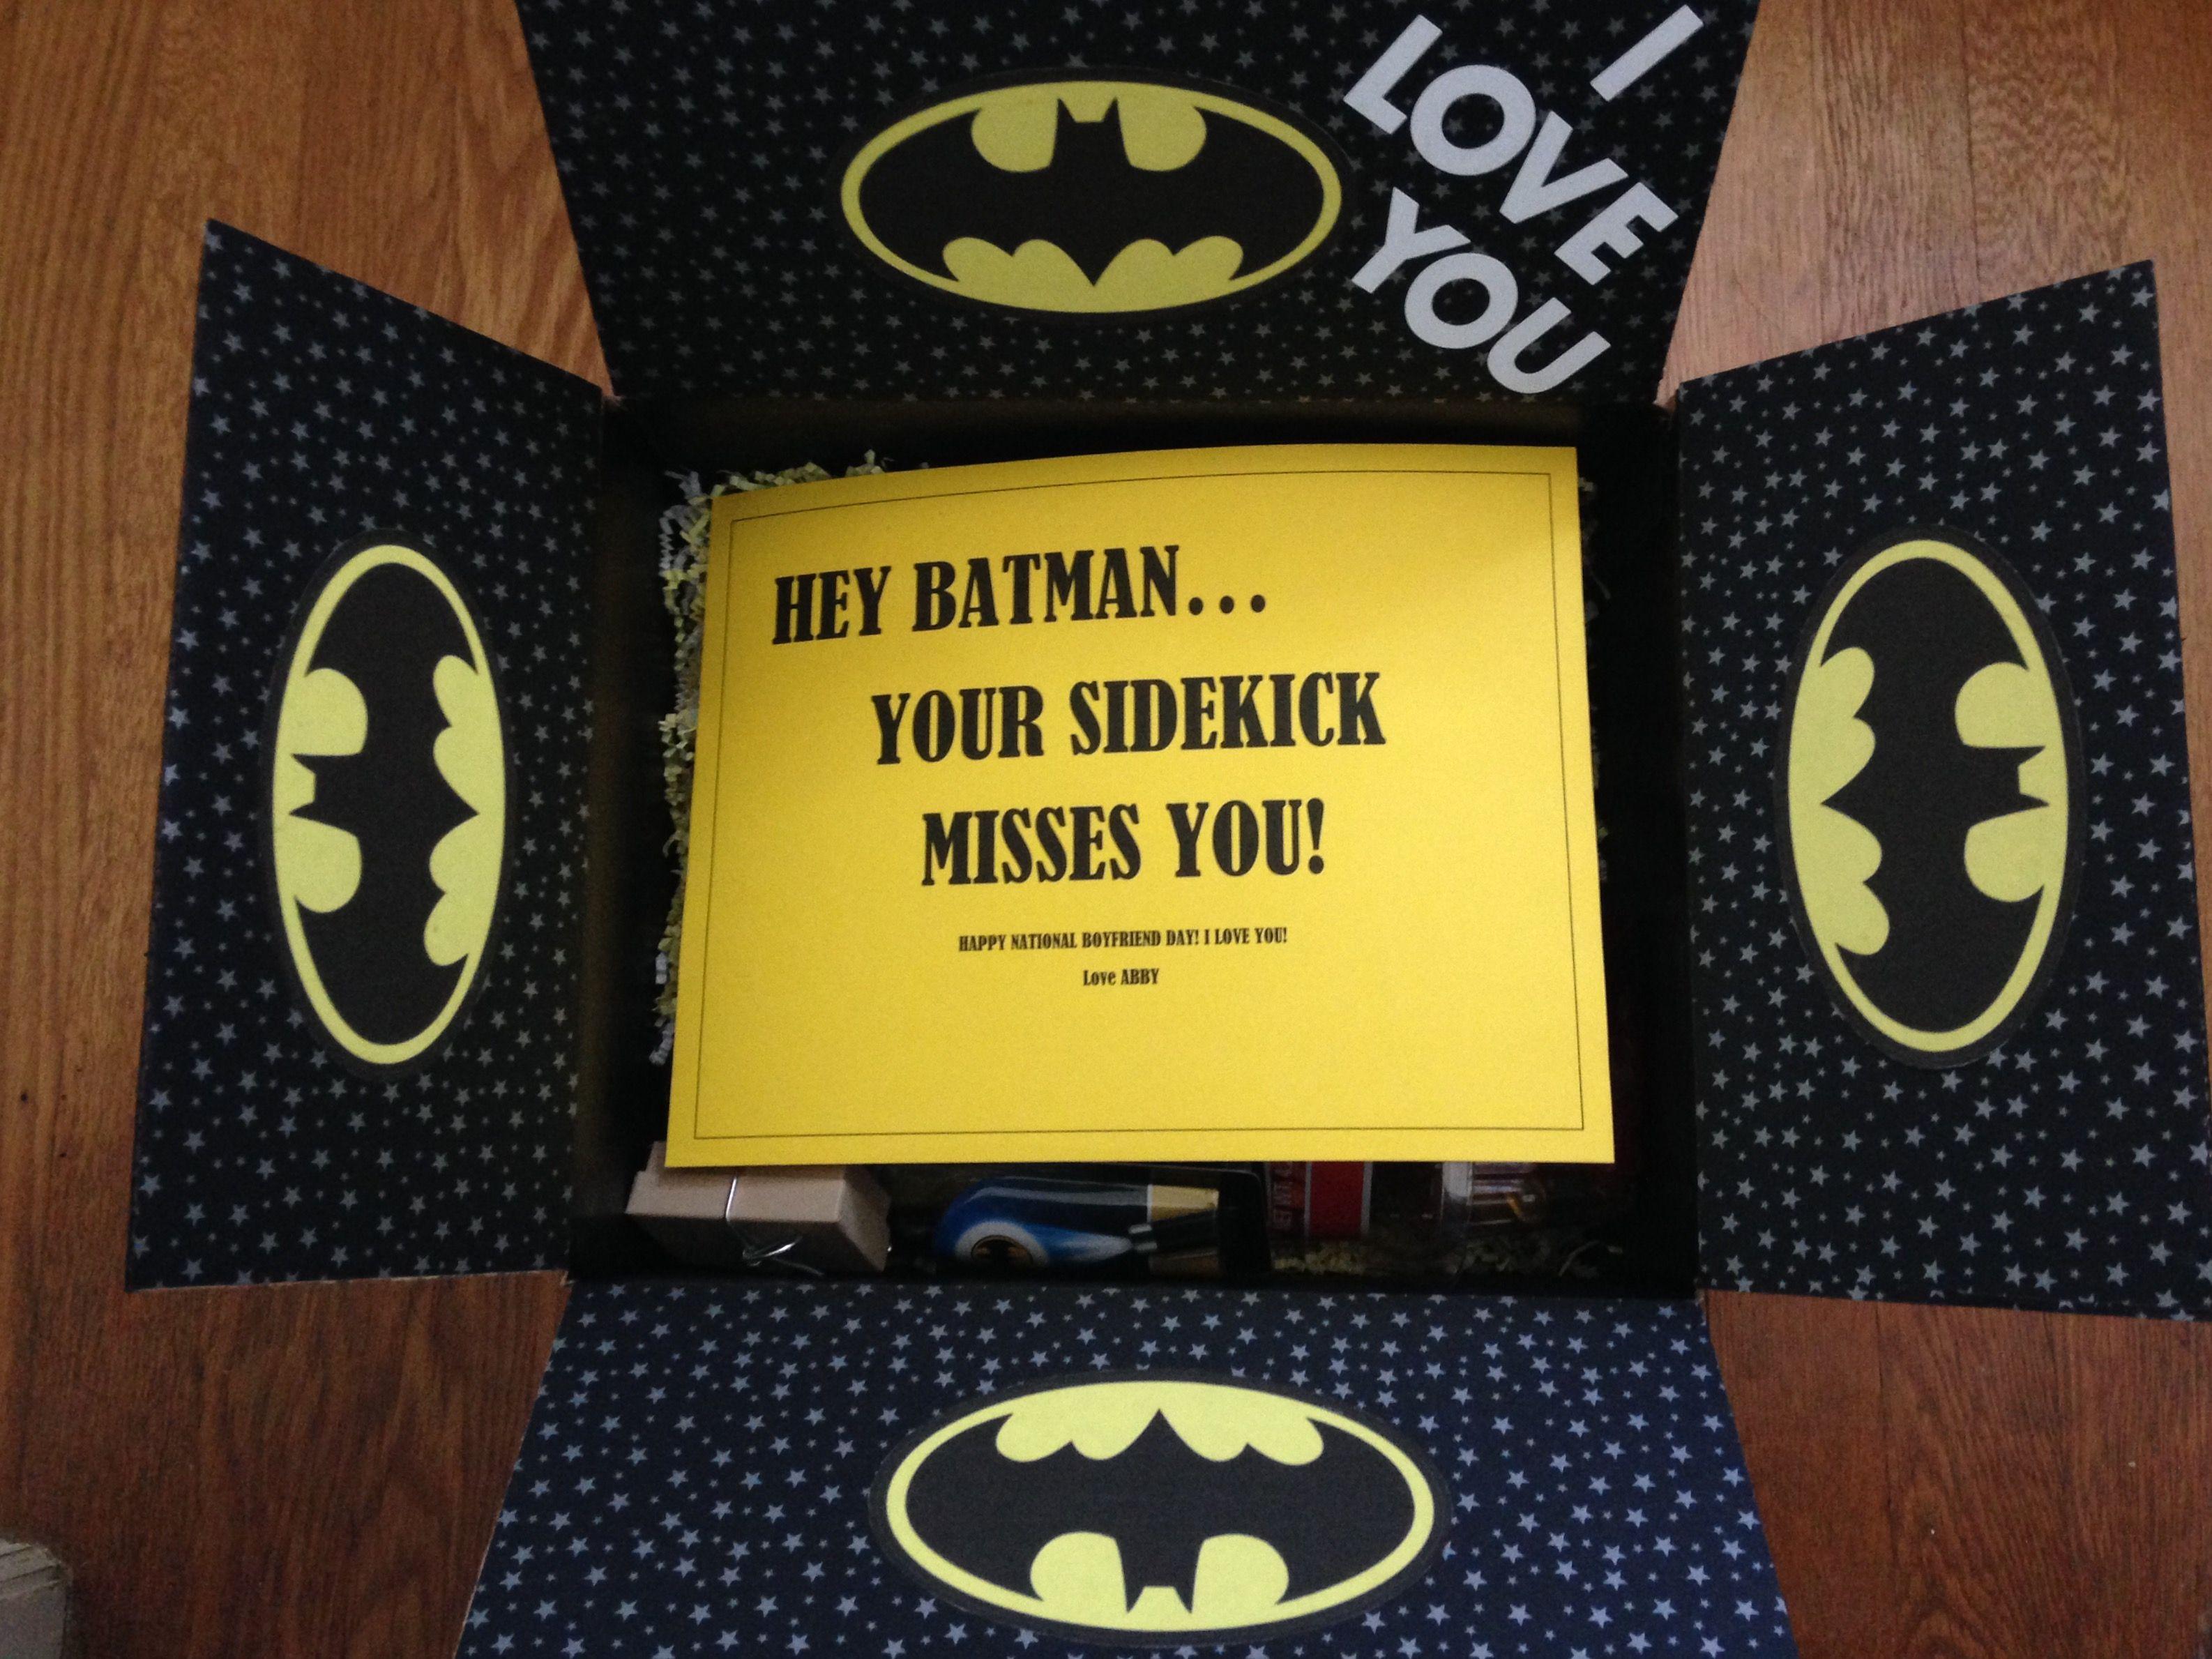 Batman care package!